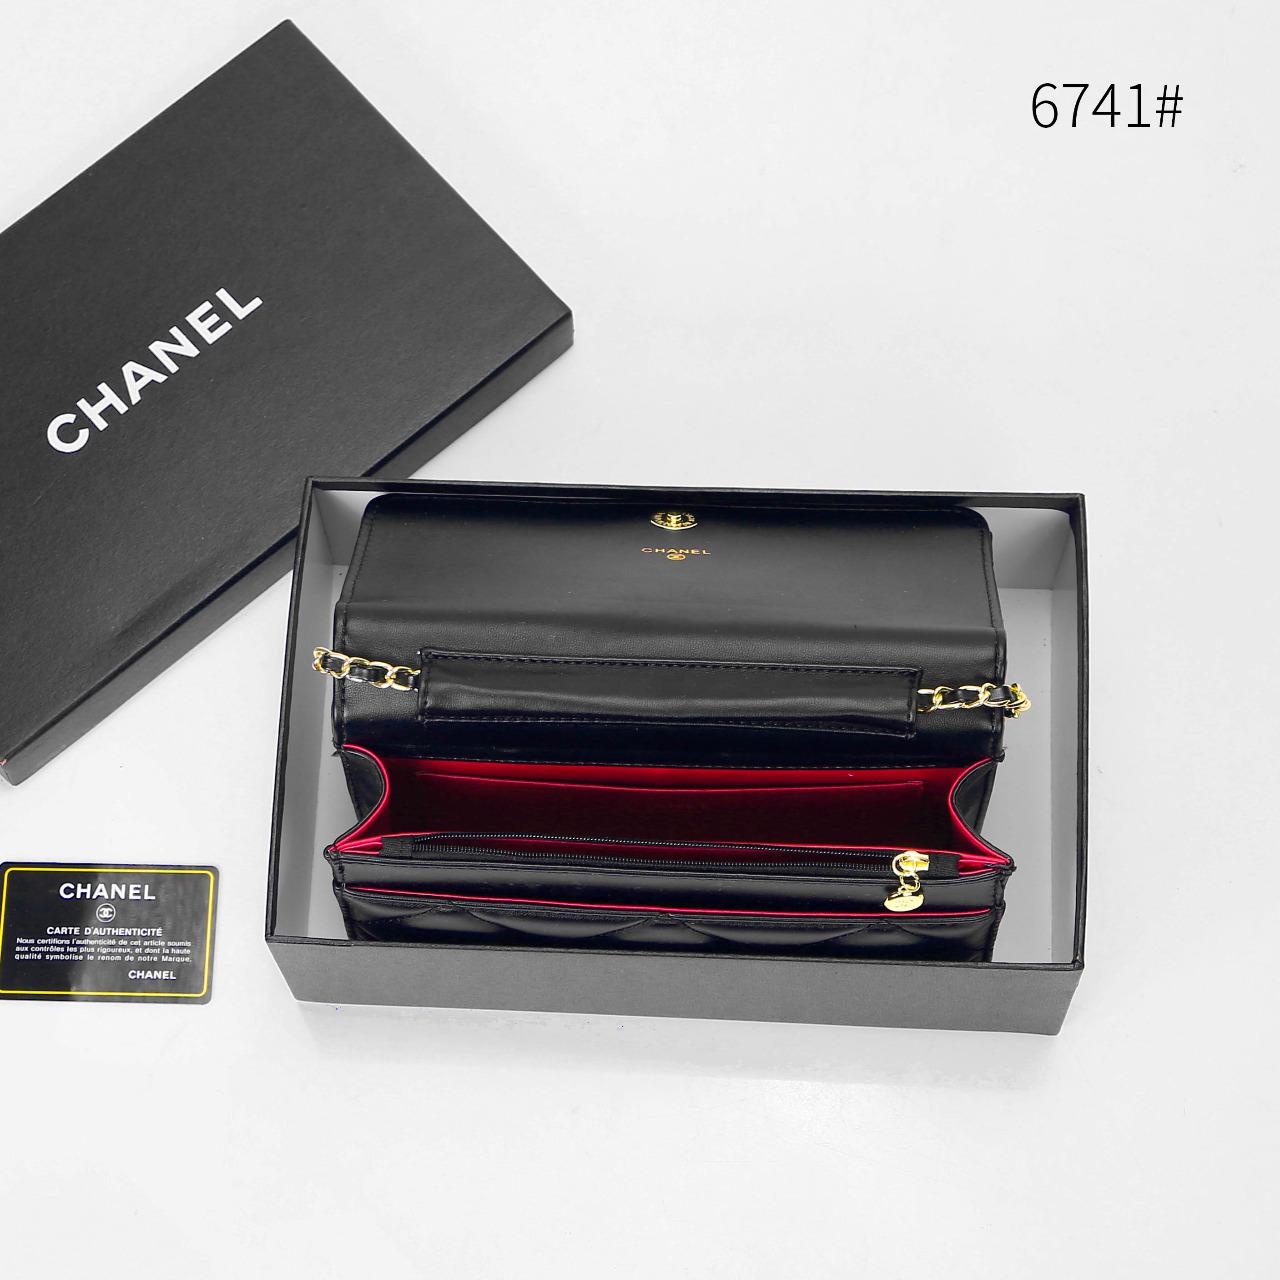 Tas merk chanel terbaru dan harganya, Model chanel terbaru 2020 2021 2022 (1)